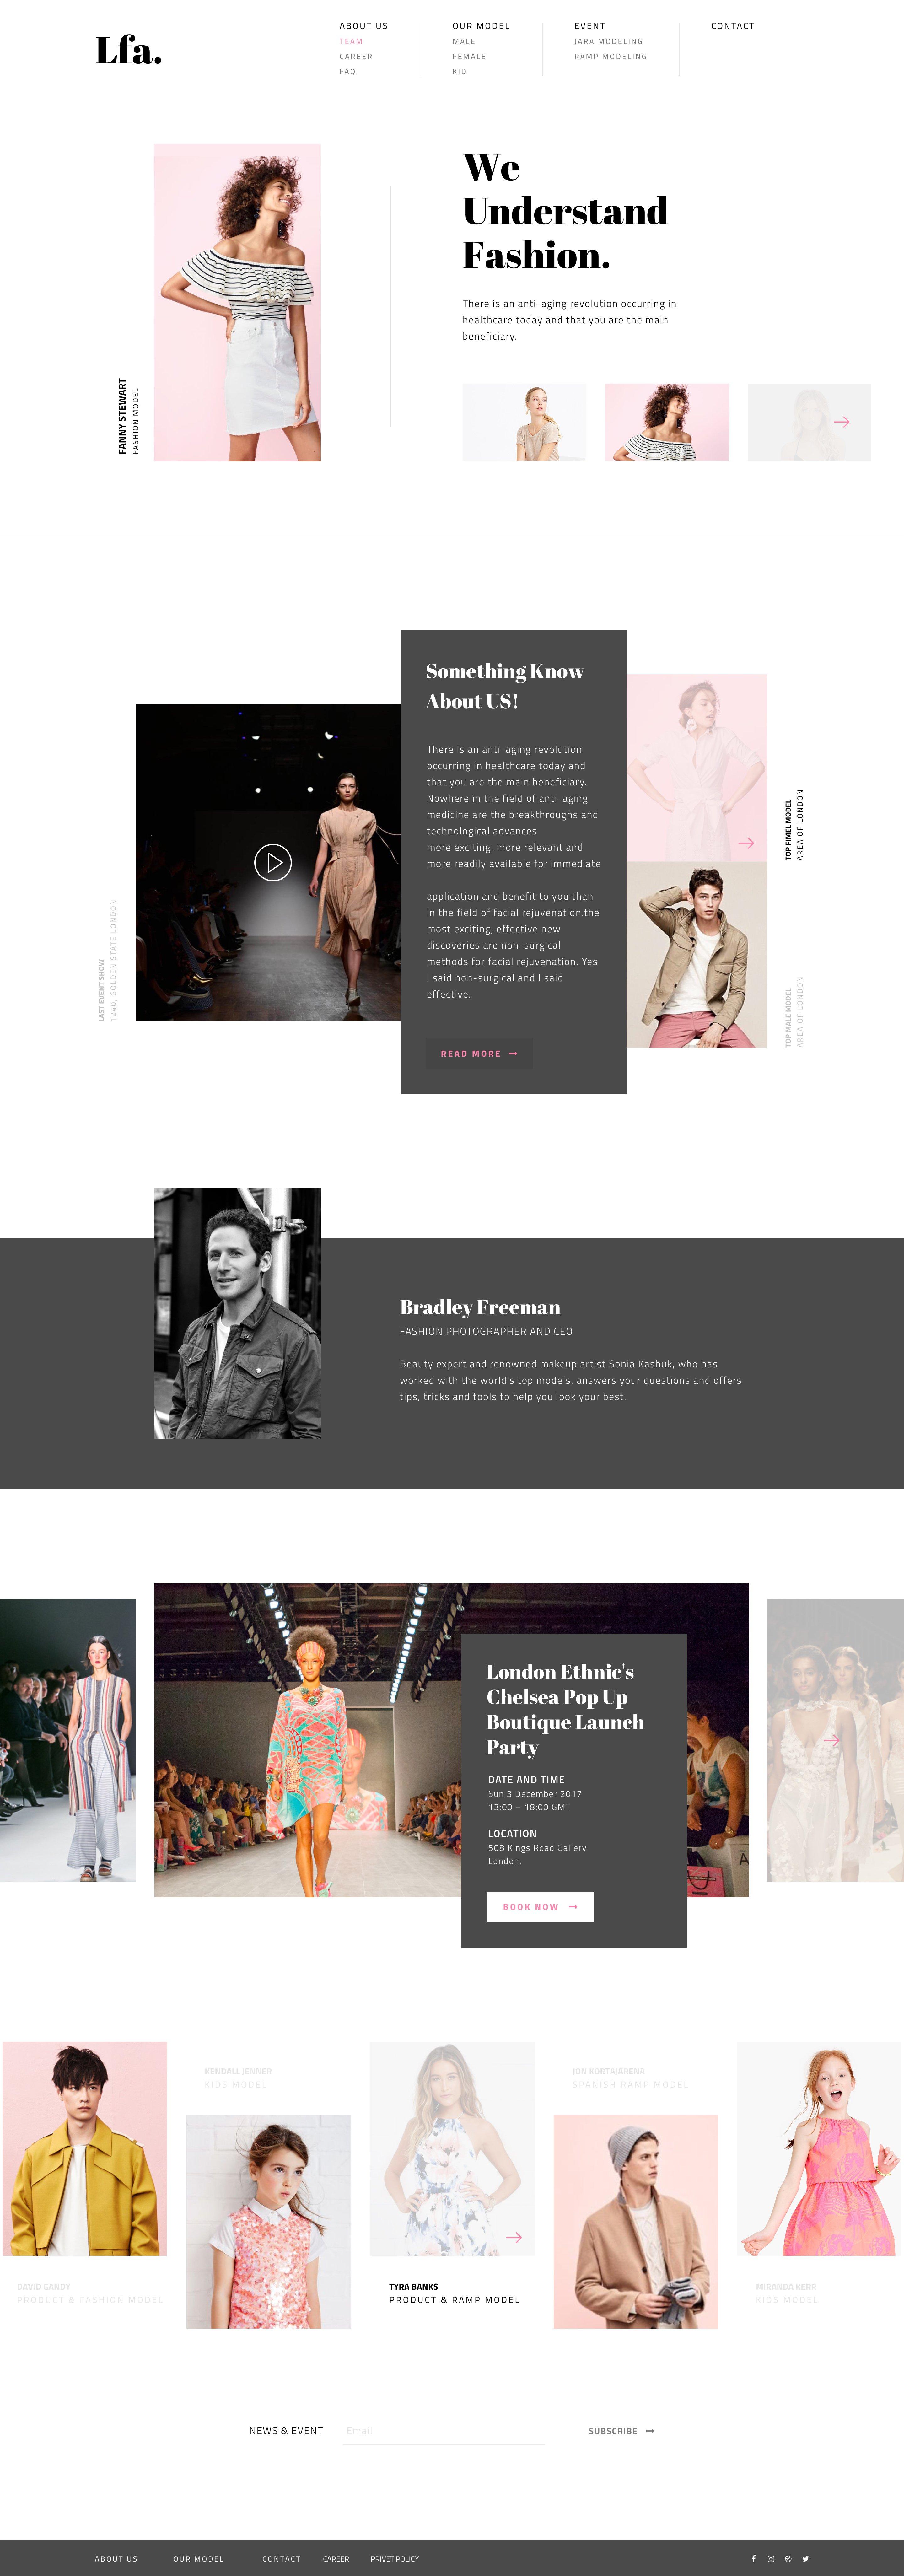 lfa时尚品牌网站ui界面设计 sketch素材下载 网页模板-第1张